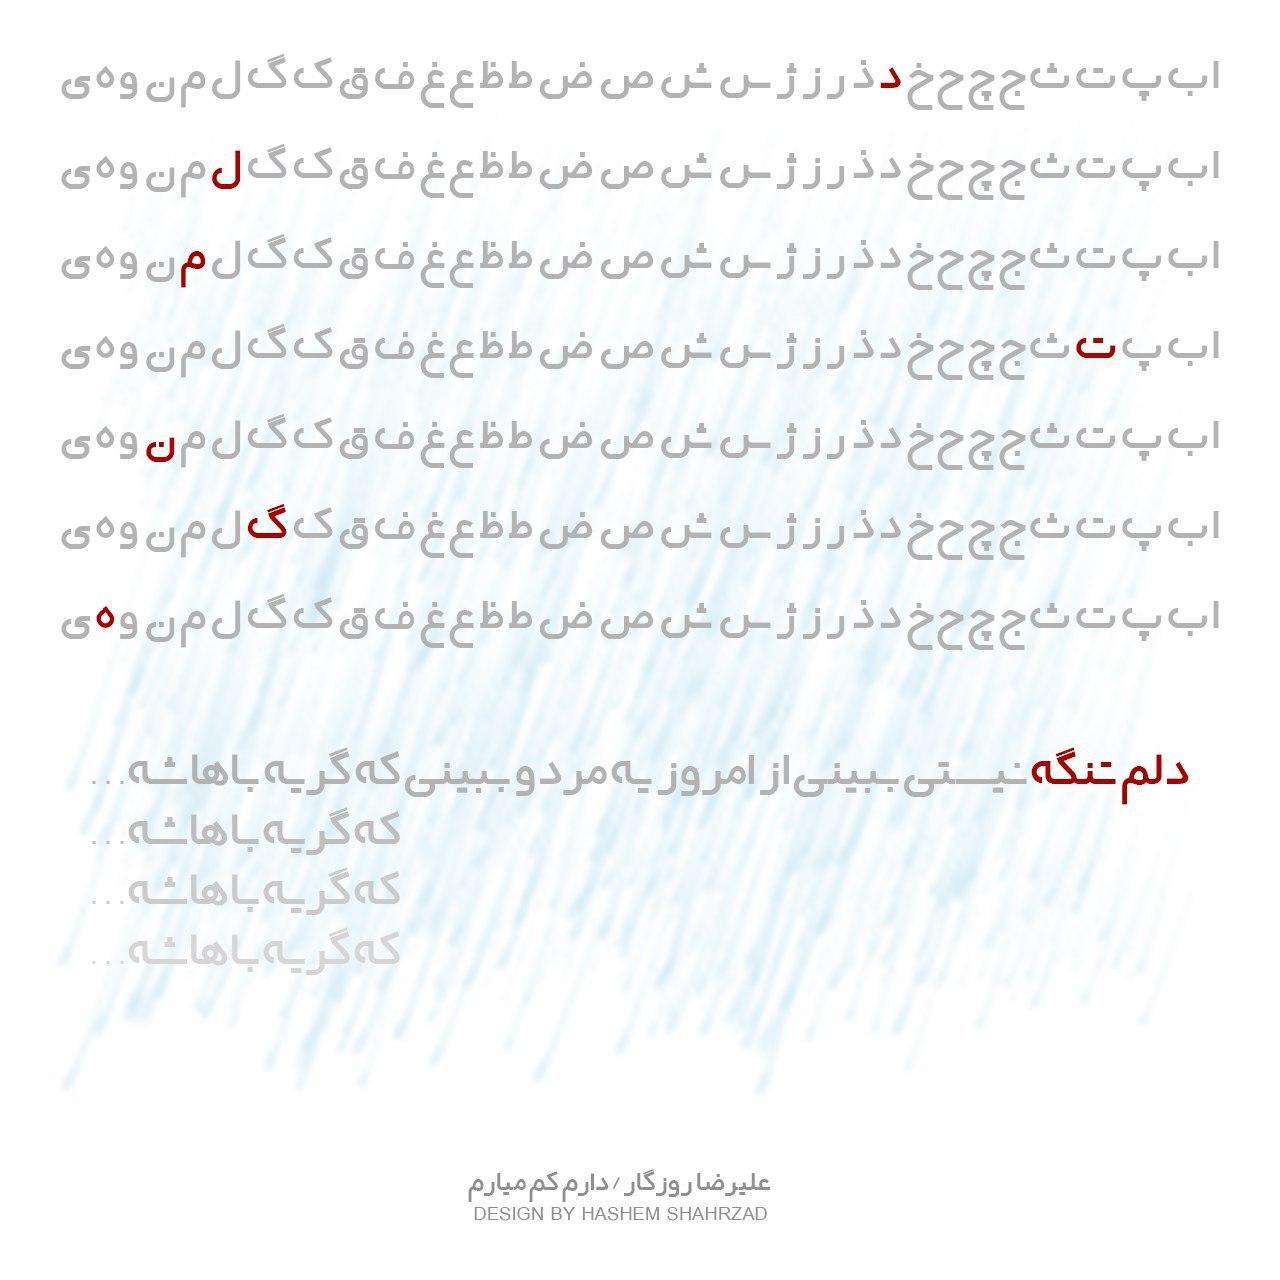 دانلود فونت فارسی شهرزاد